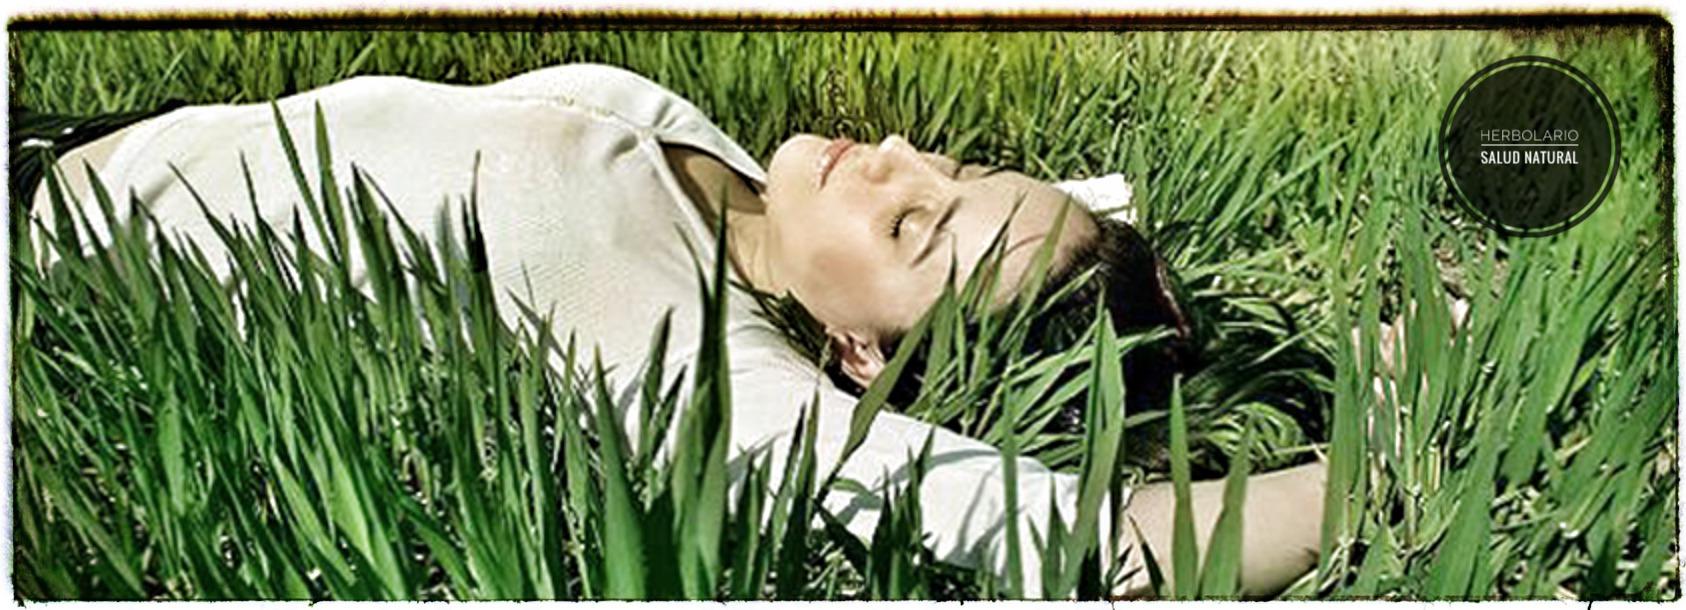 alimentos,estrés,antiestrés,platano,almendra,pasas,espinacas,herbolario online, cosmética natural,tratamientos naturales, productos naturales